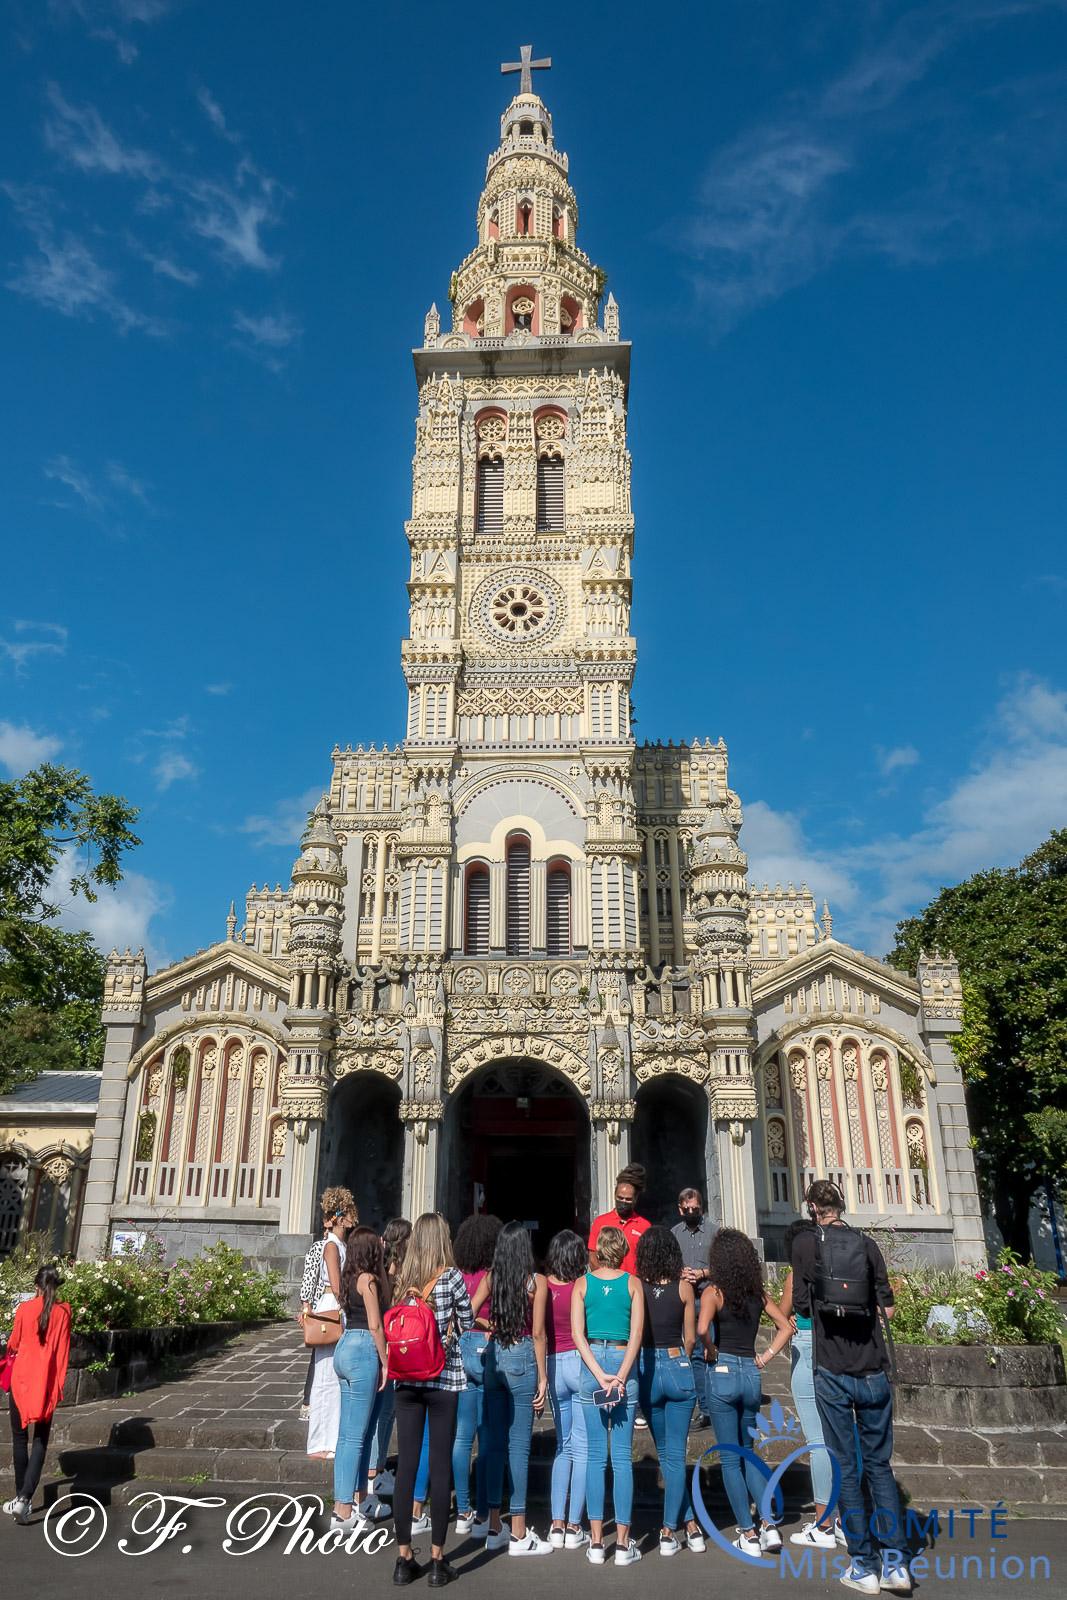 Les candidates 2021 visitent l'église atypique de Sainte-Anne